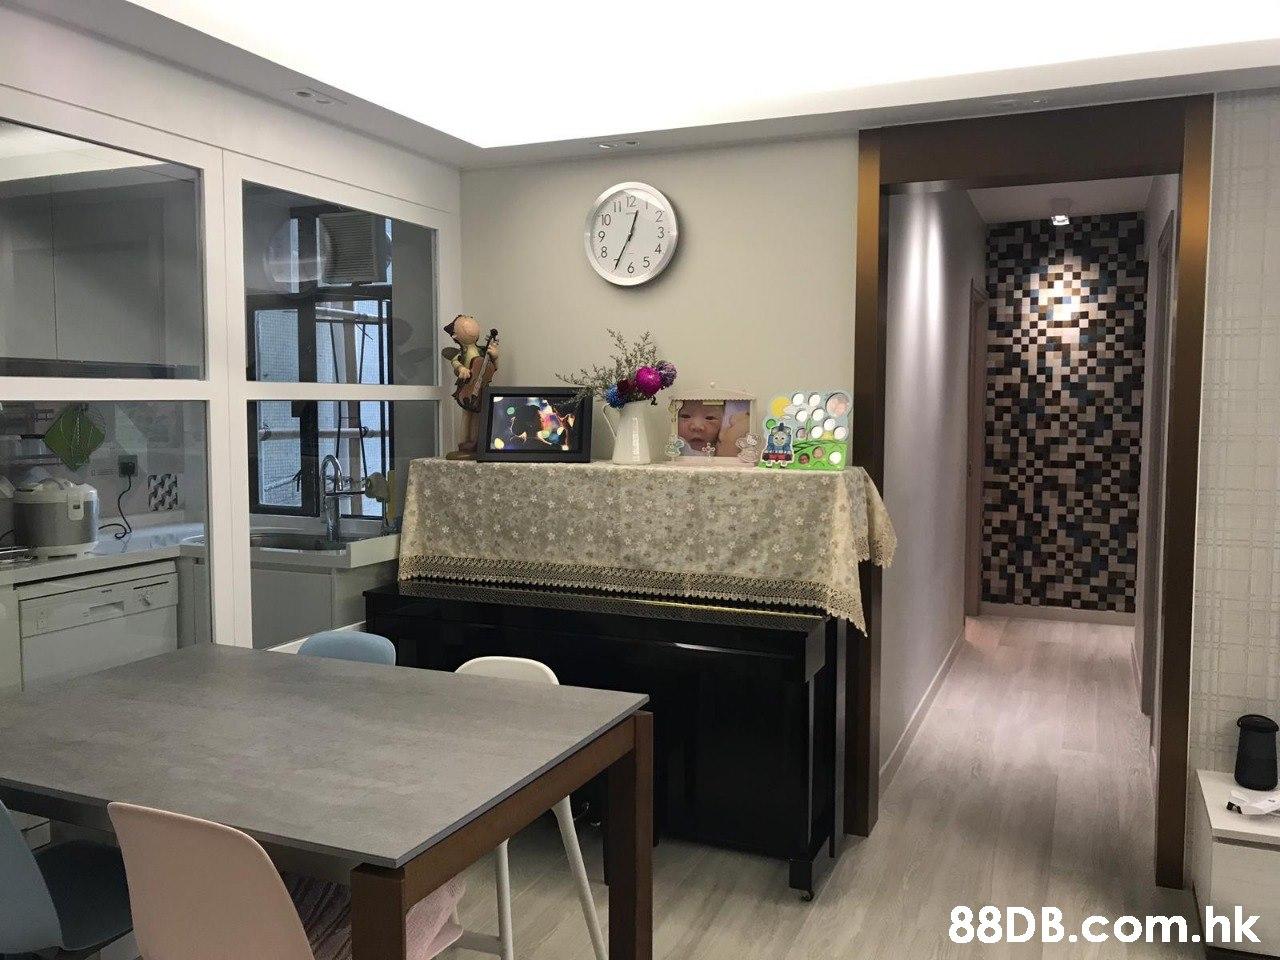 3 4 6 .hk  Room,Furniture,Interior design,Property,Building